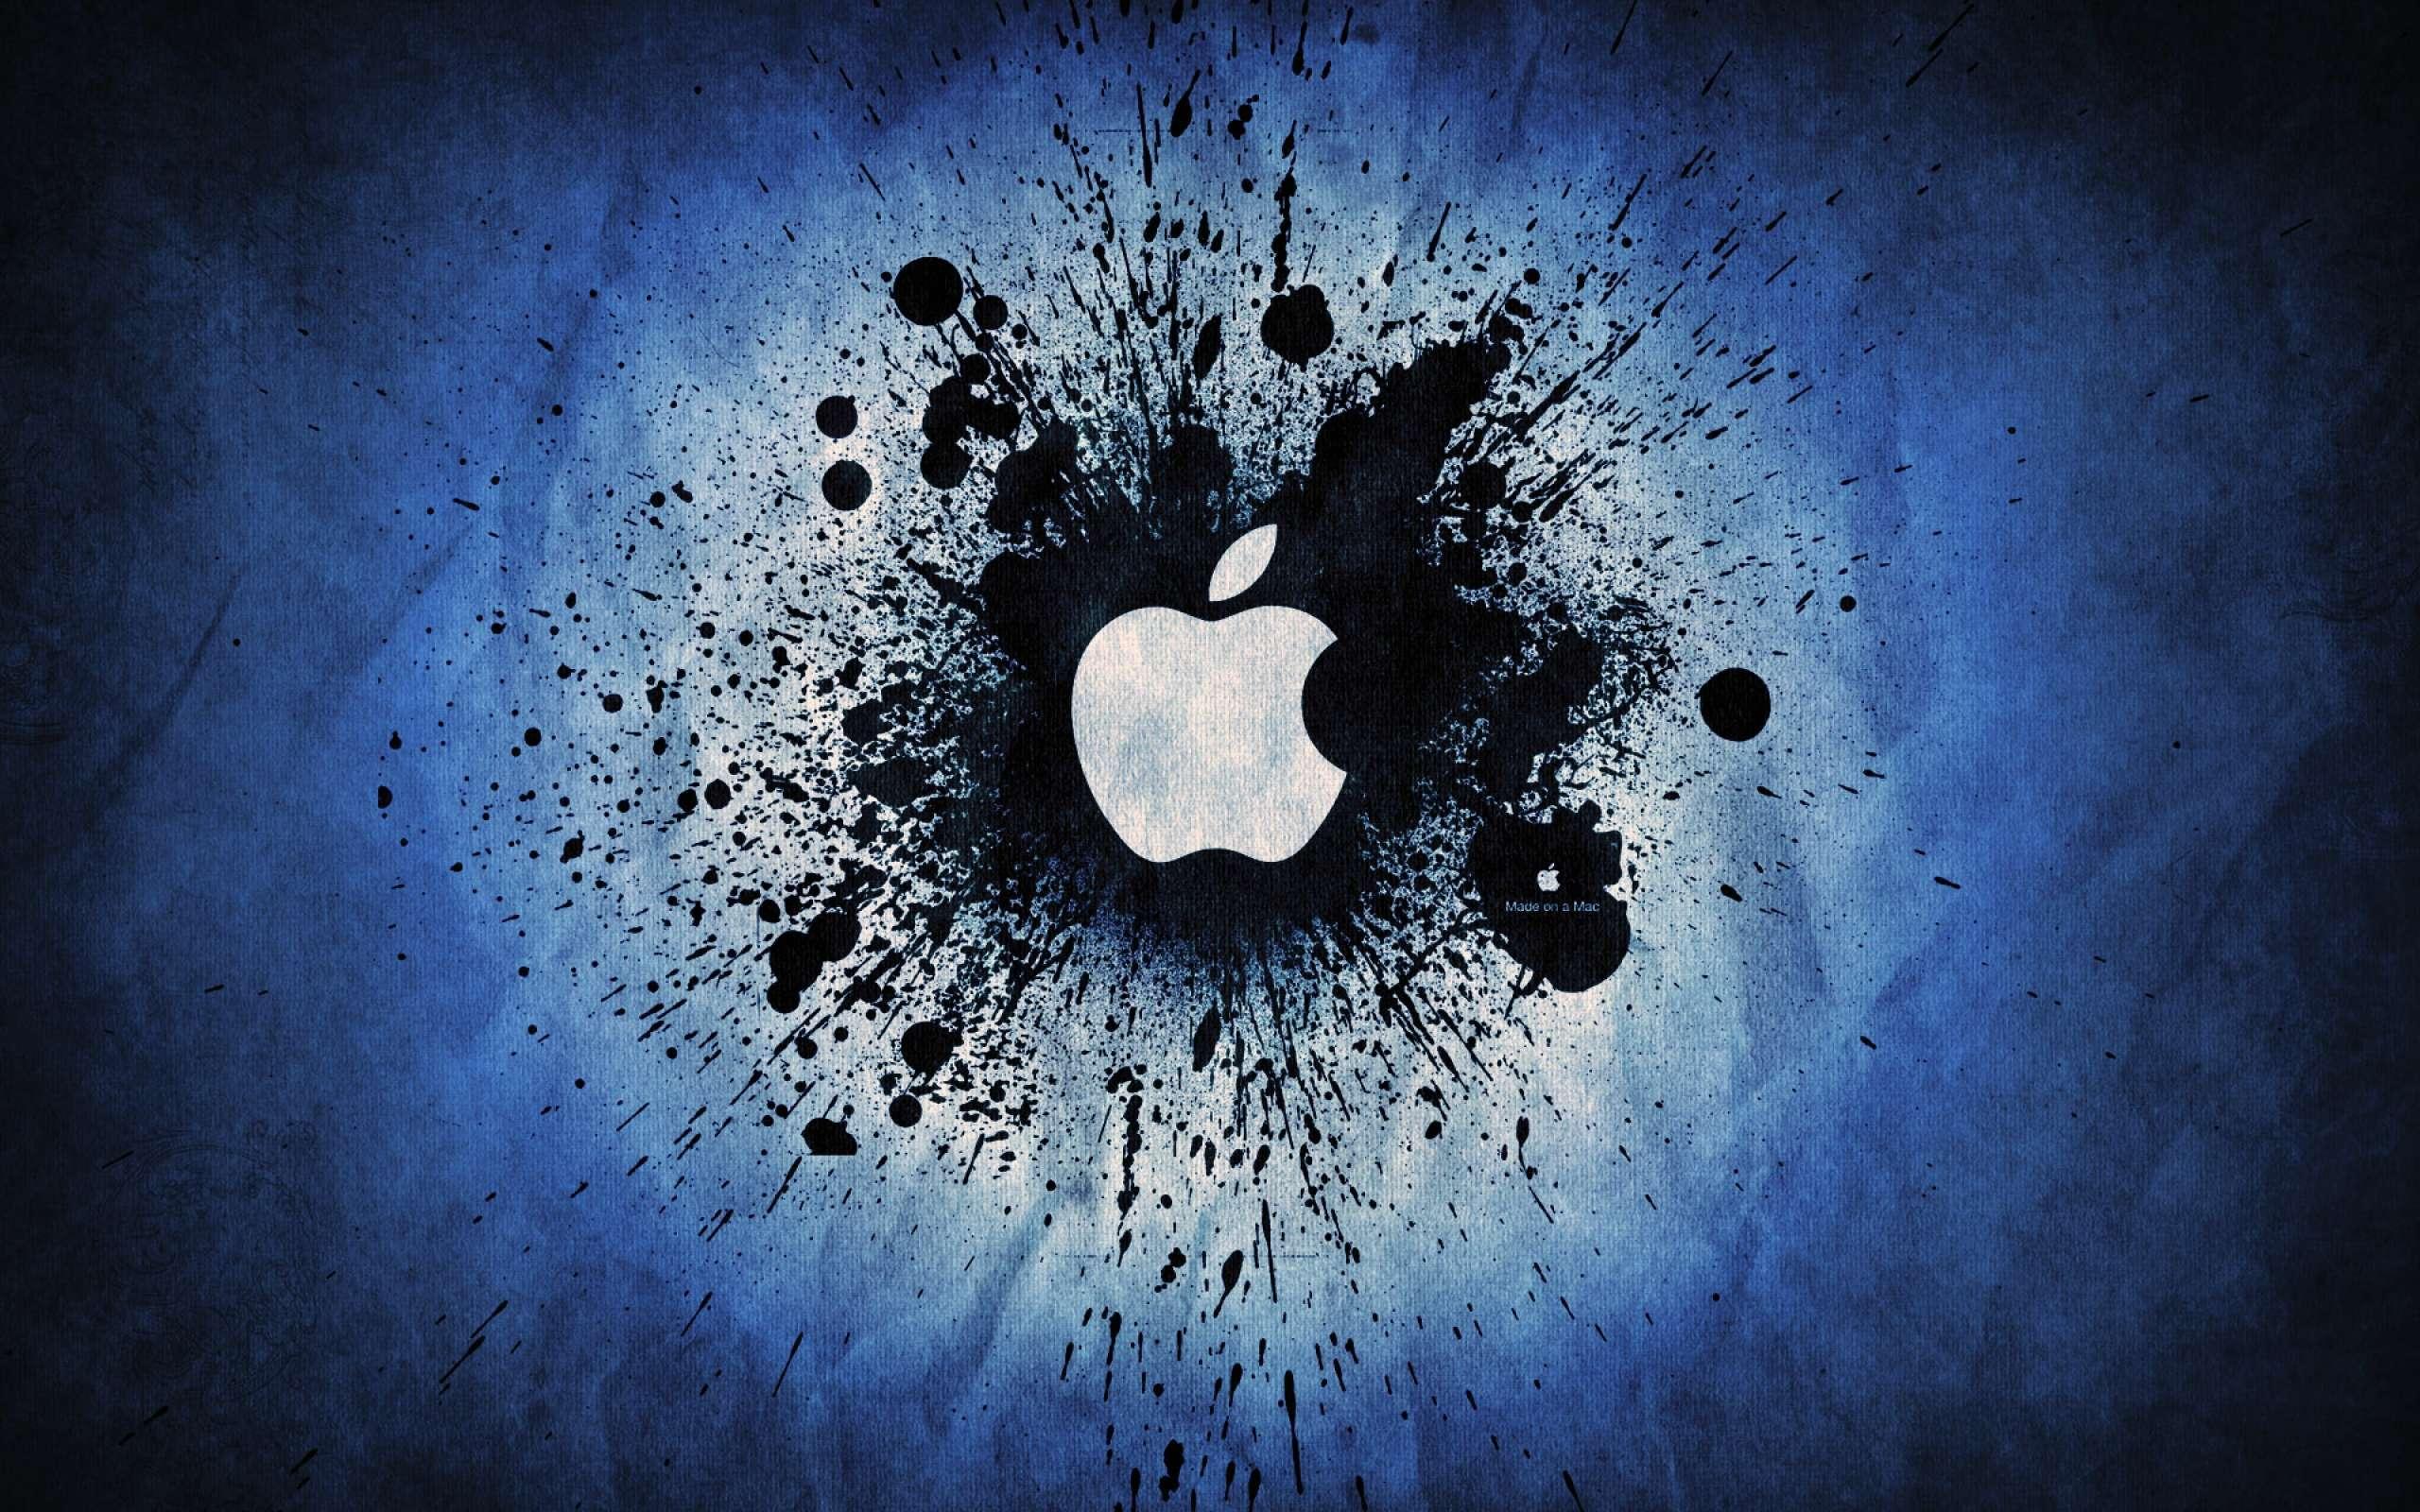 fond d'écran macbook hd